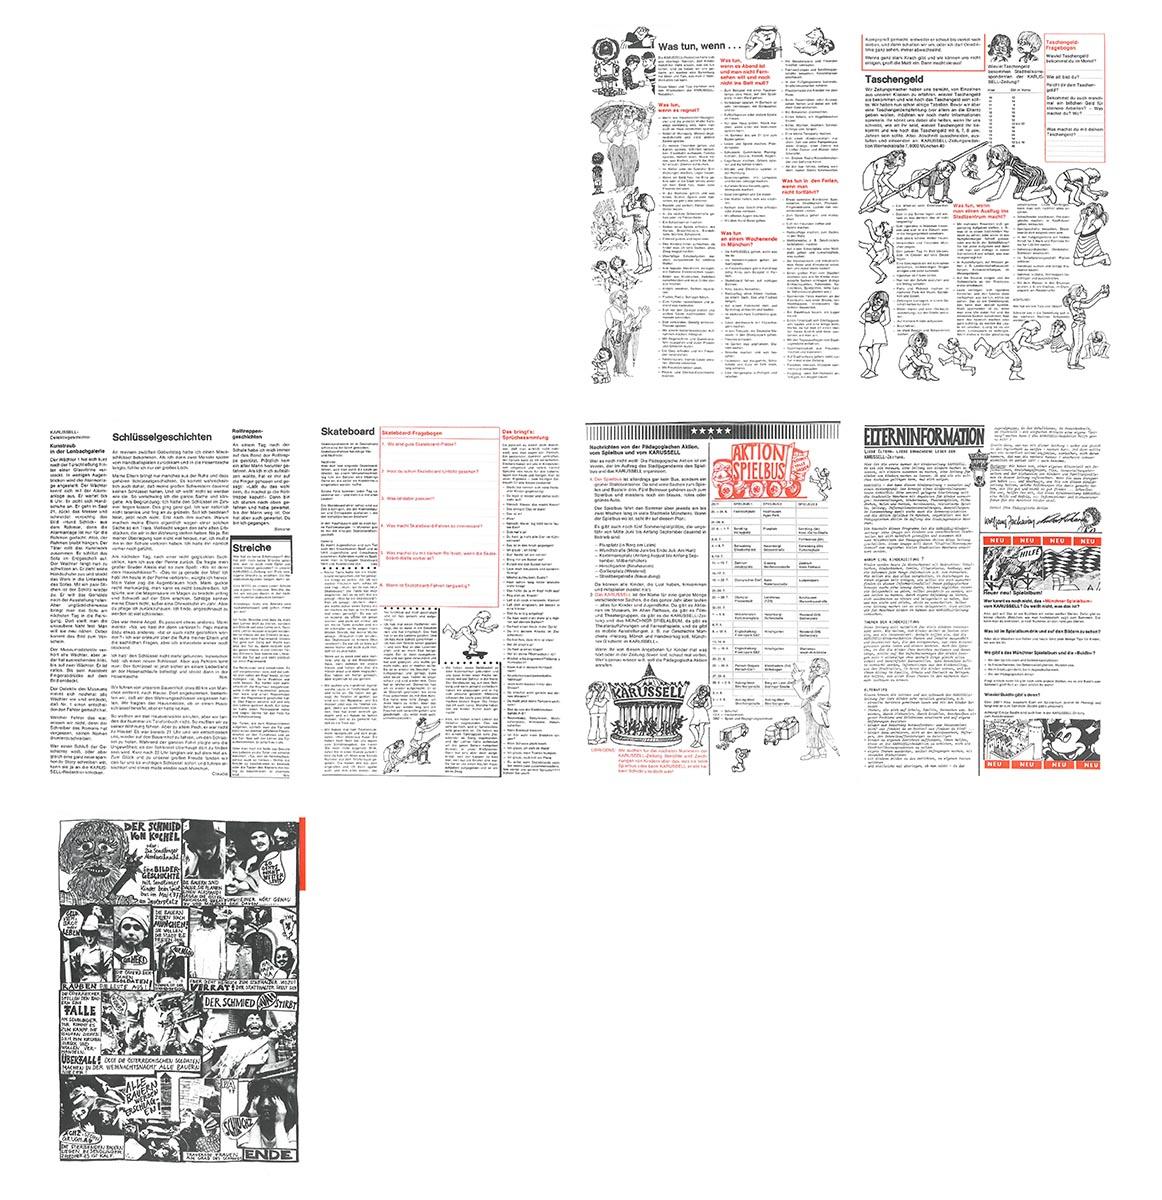 DER FAHRENDE RAUM | Erste Ausgabe der Kinderzeitung Karussell, München 1977, Herausgeber: PA-Pädagogische Aktion -